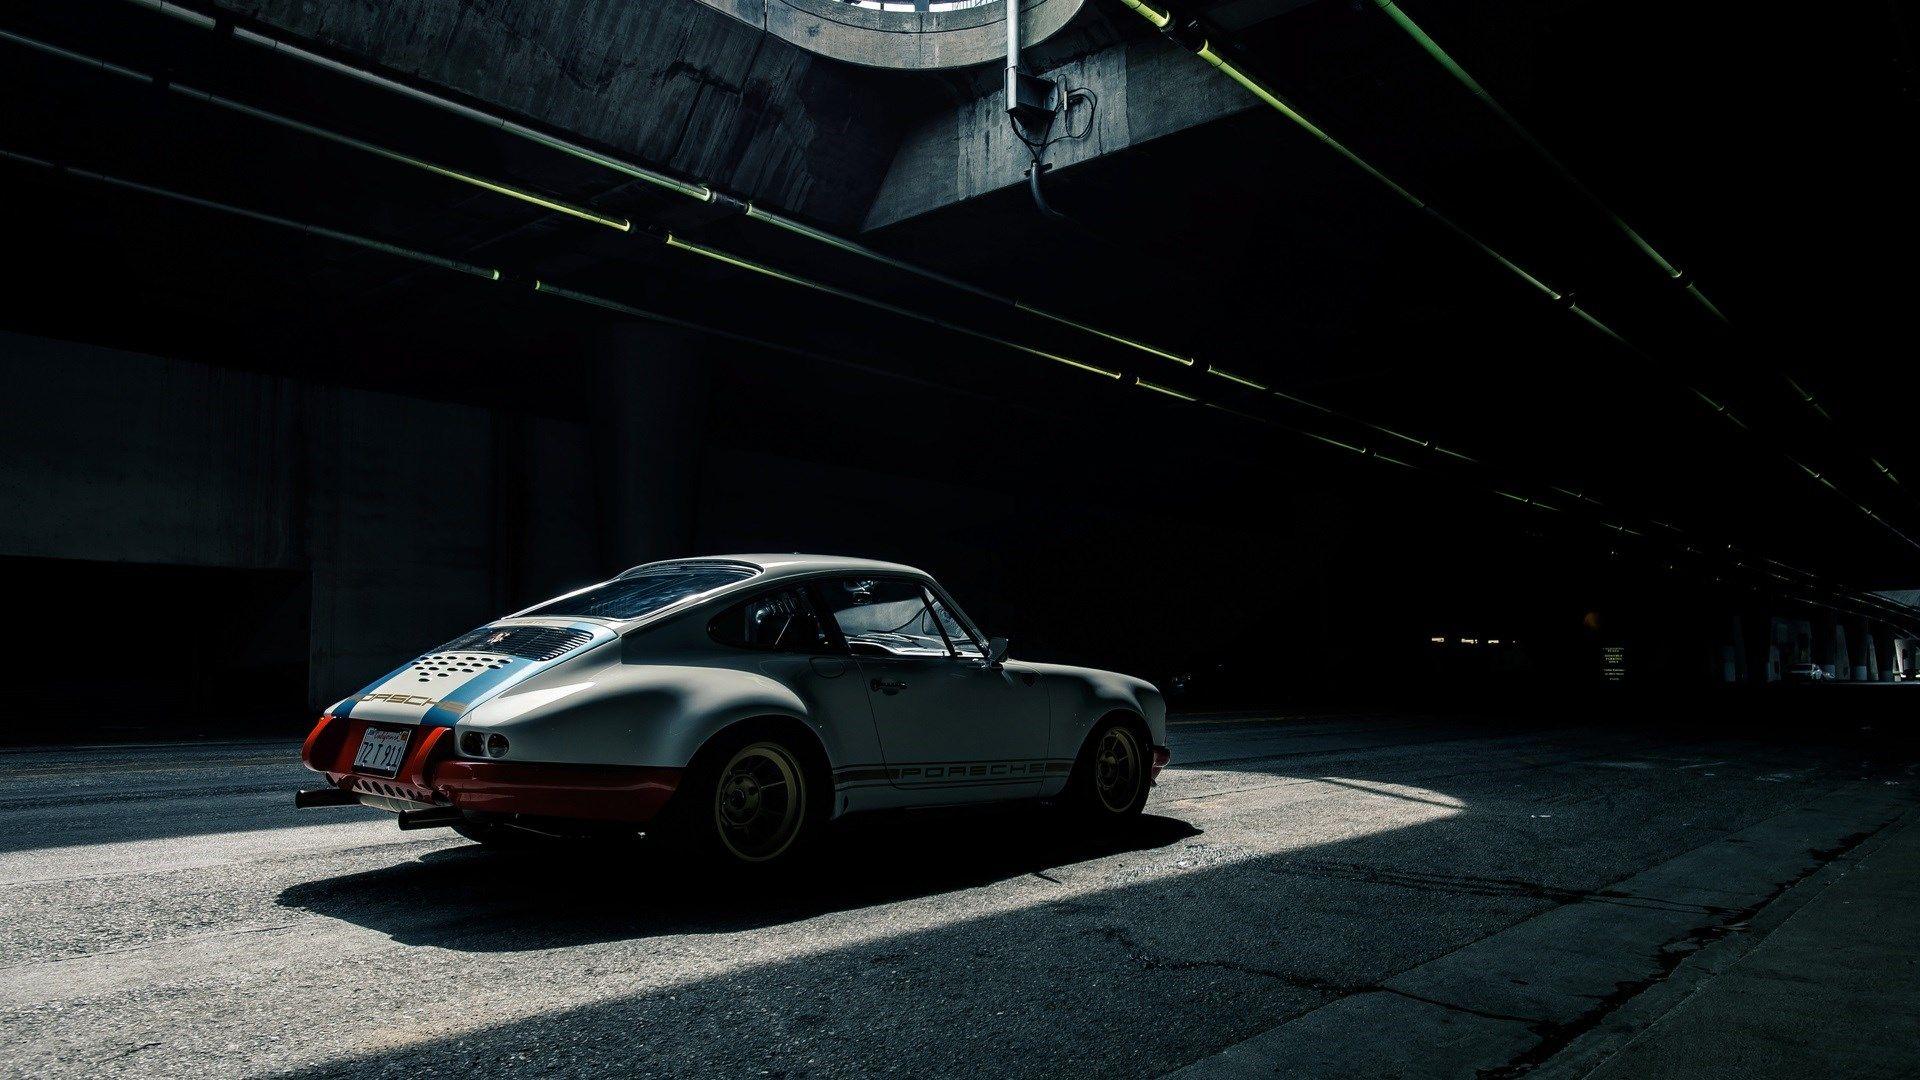 Vintage Porsche 911 20607 1920x1080 Px Hdwallsource Com Classic Porsche Porsche 911 Vintage Porsche